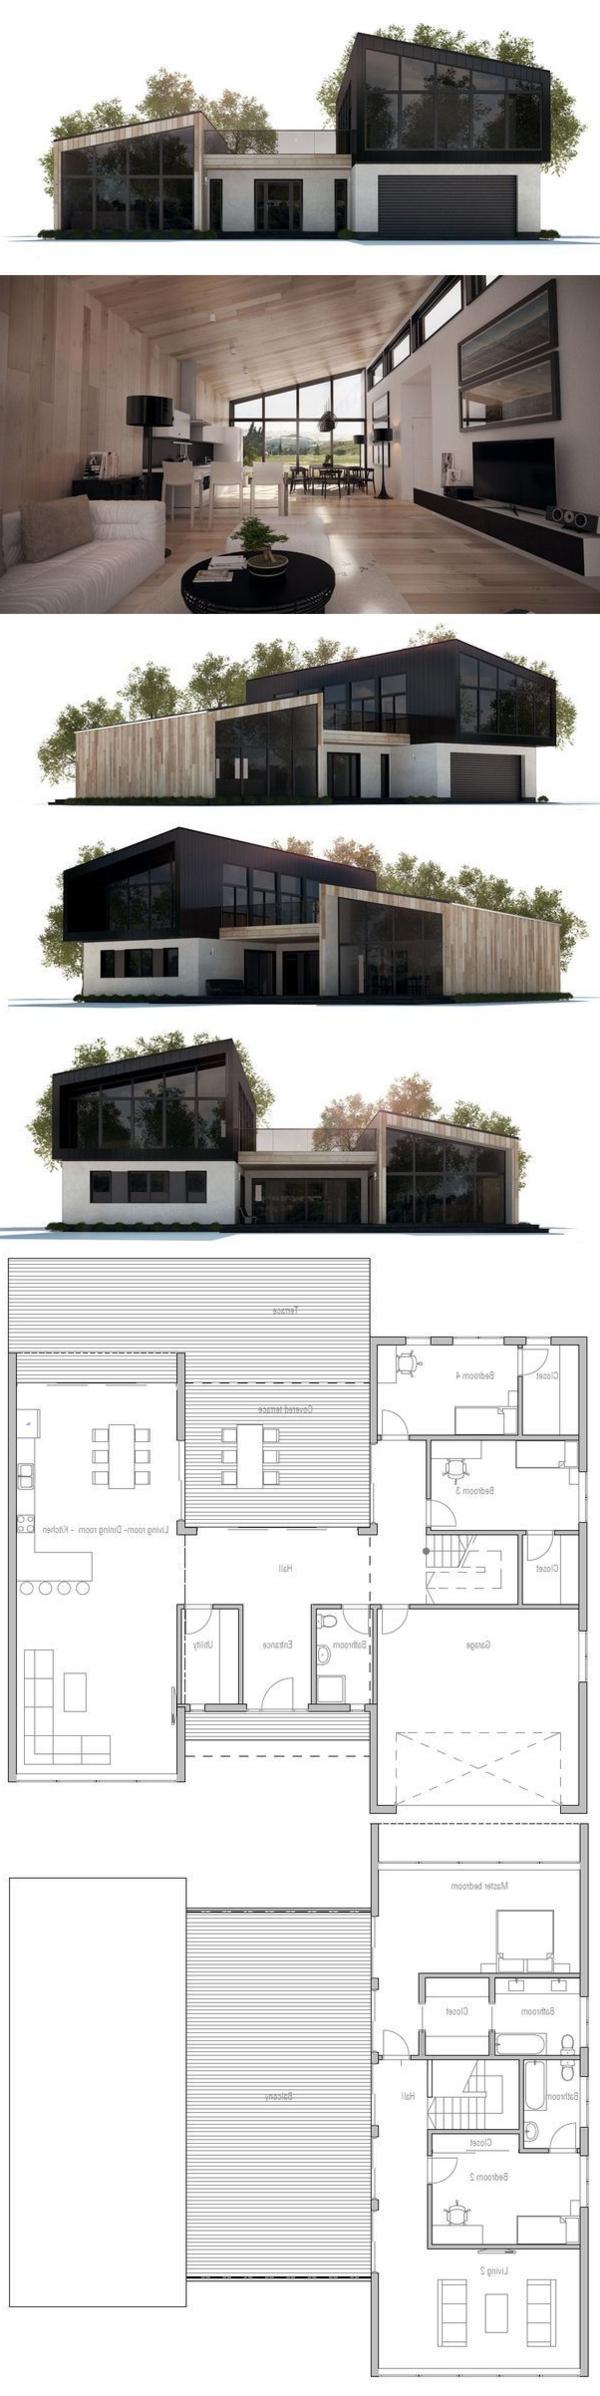 maison-moderne-plain-pied-le-plan-et-l'intérieur